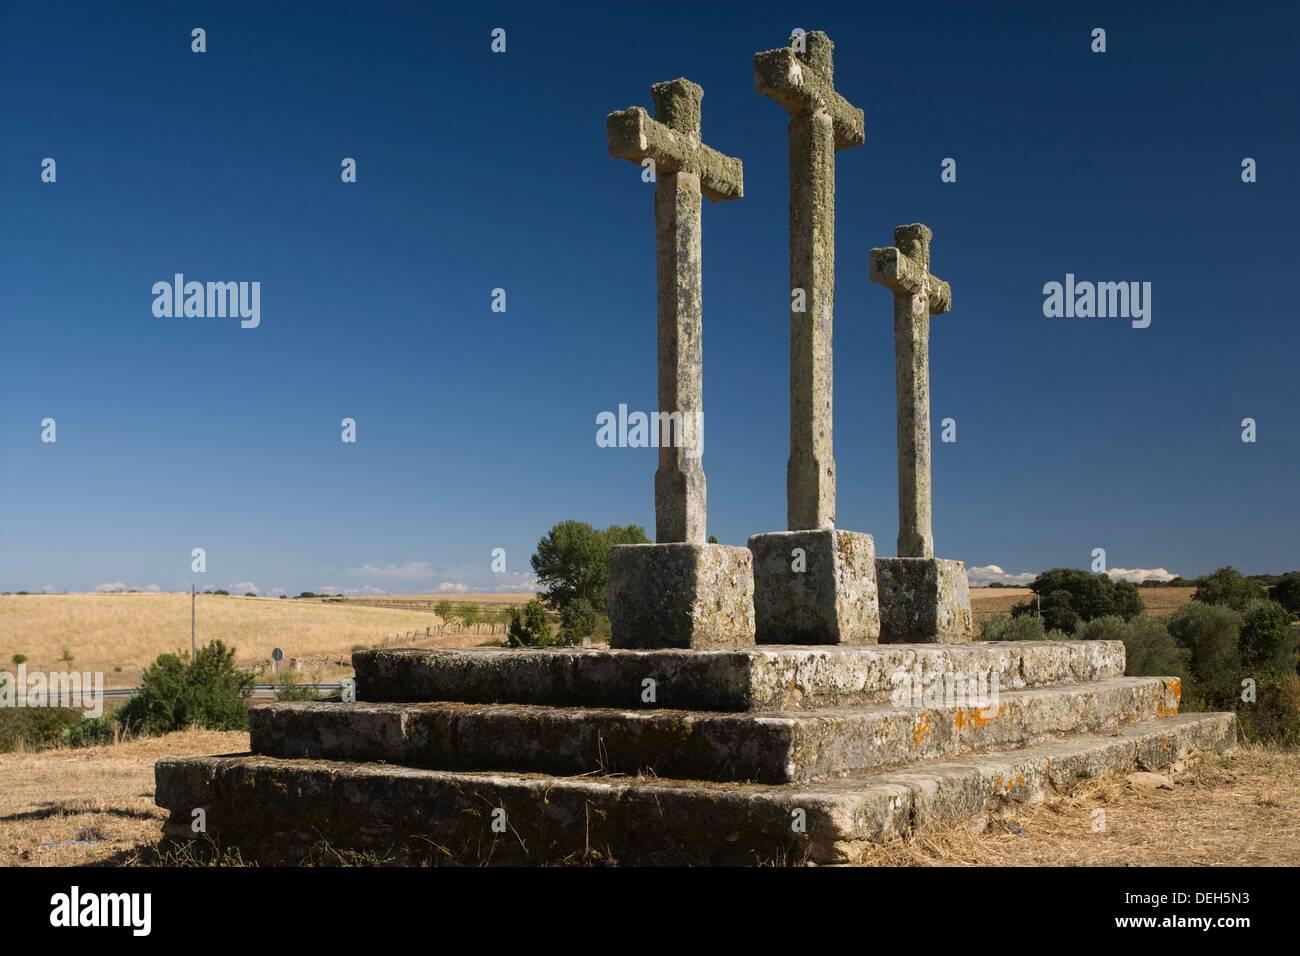 Humble crosses, Cerralbo, Salamanca province, Castilla y León, Spain - Stock Image